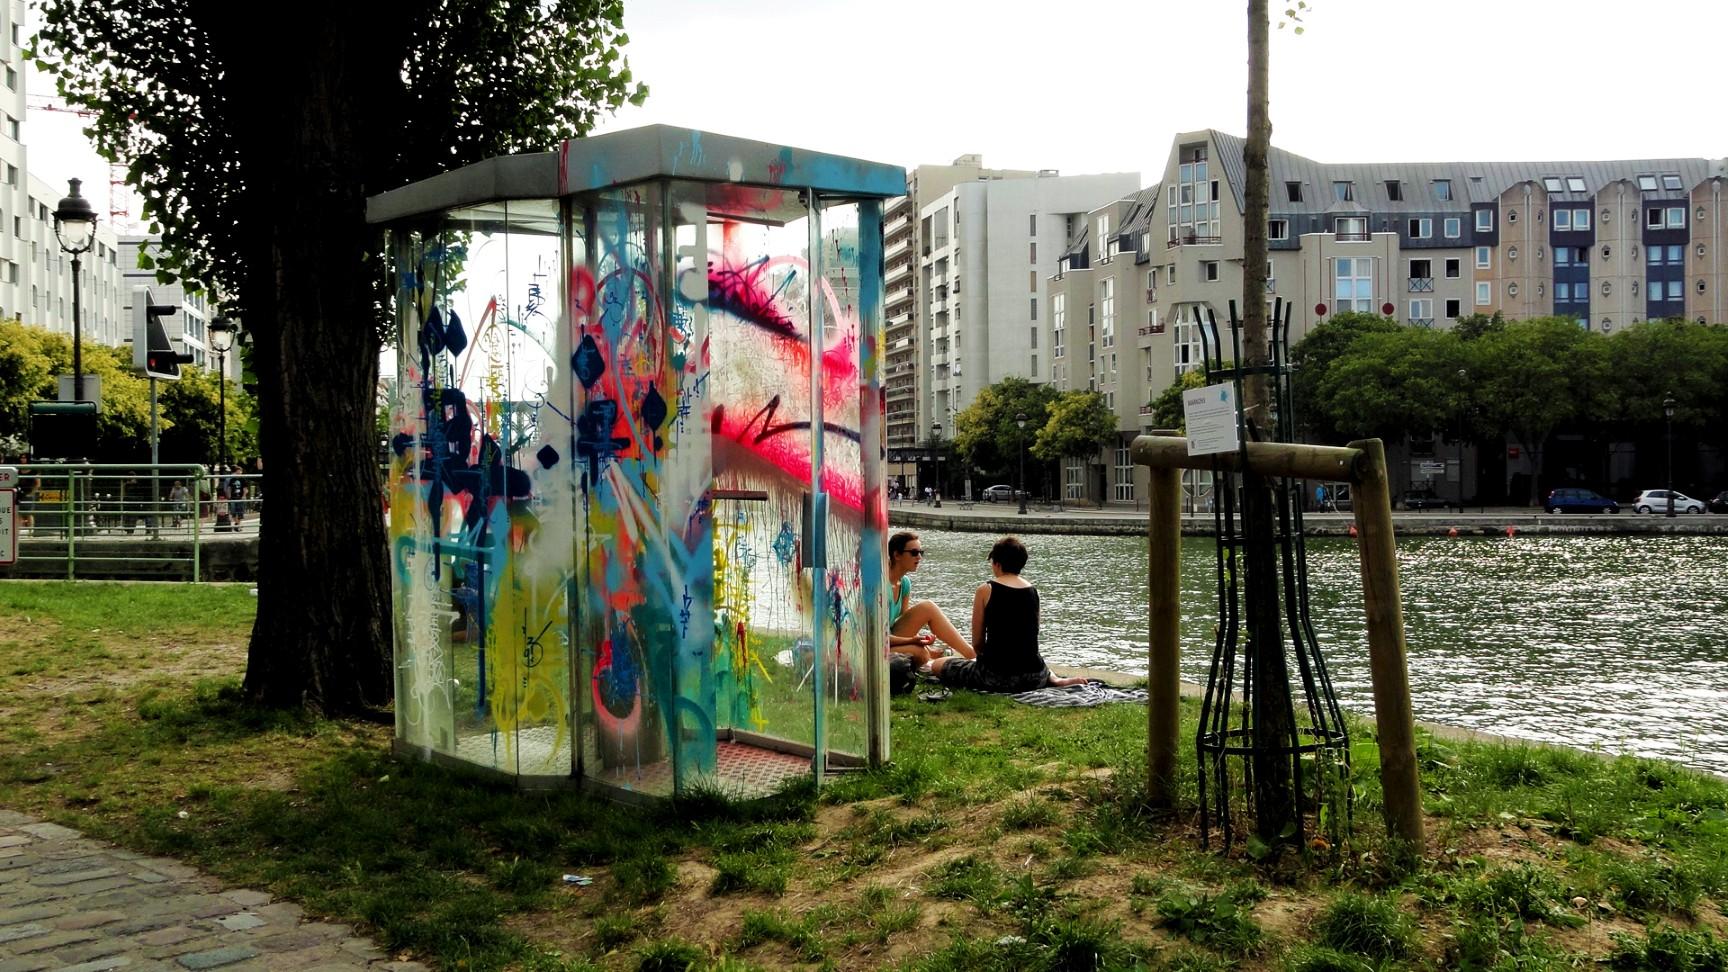 Canal de l'Ourcq - Paris - Parc de la Villette - Street art